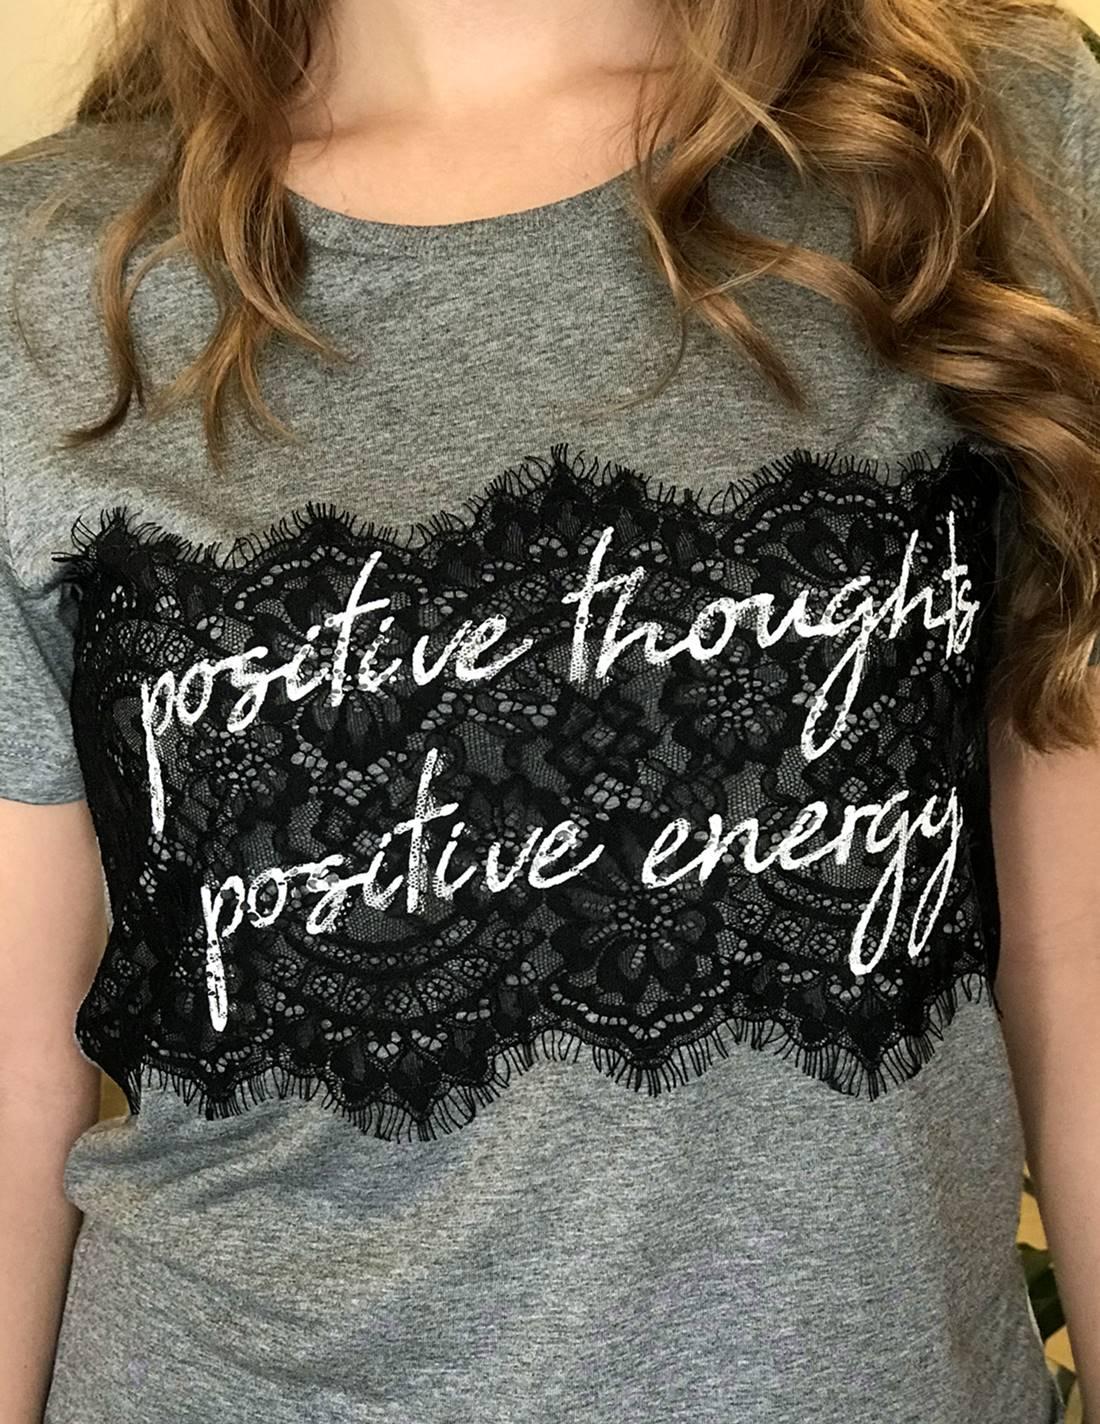 Tshirt Positive Energy